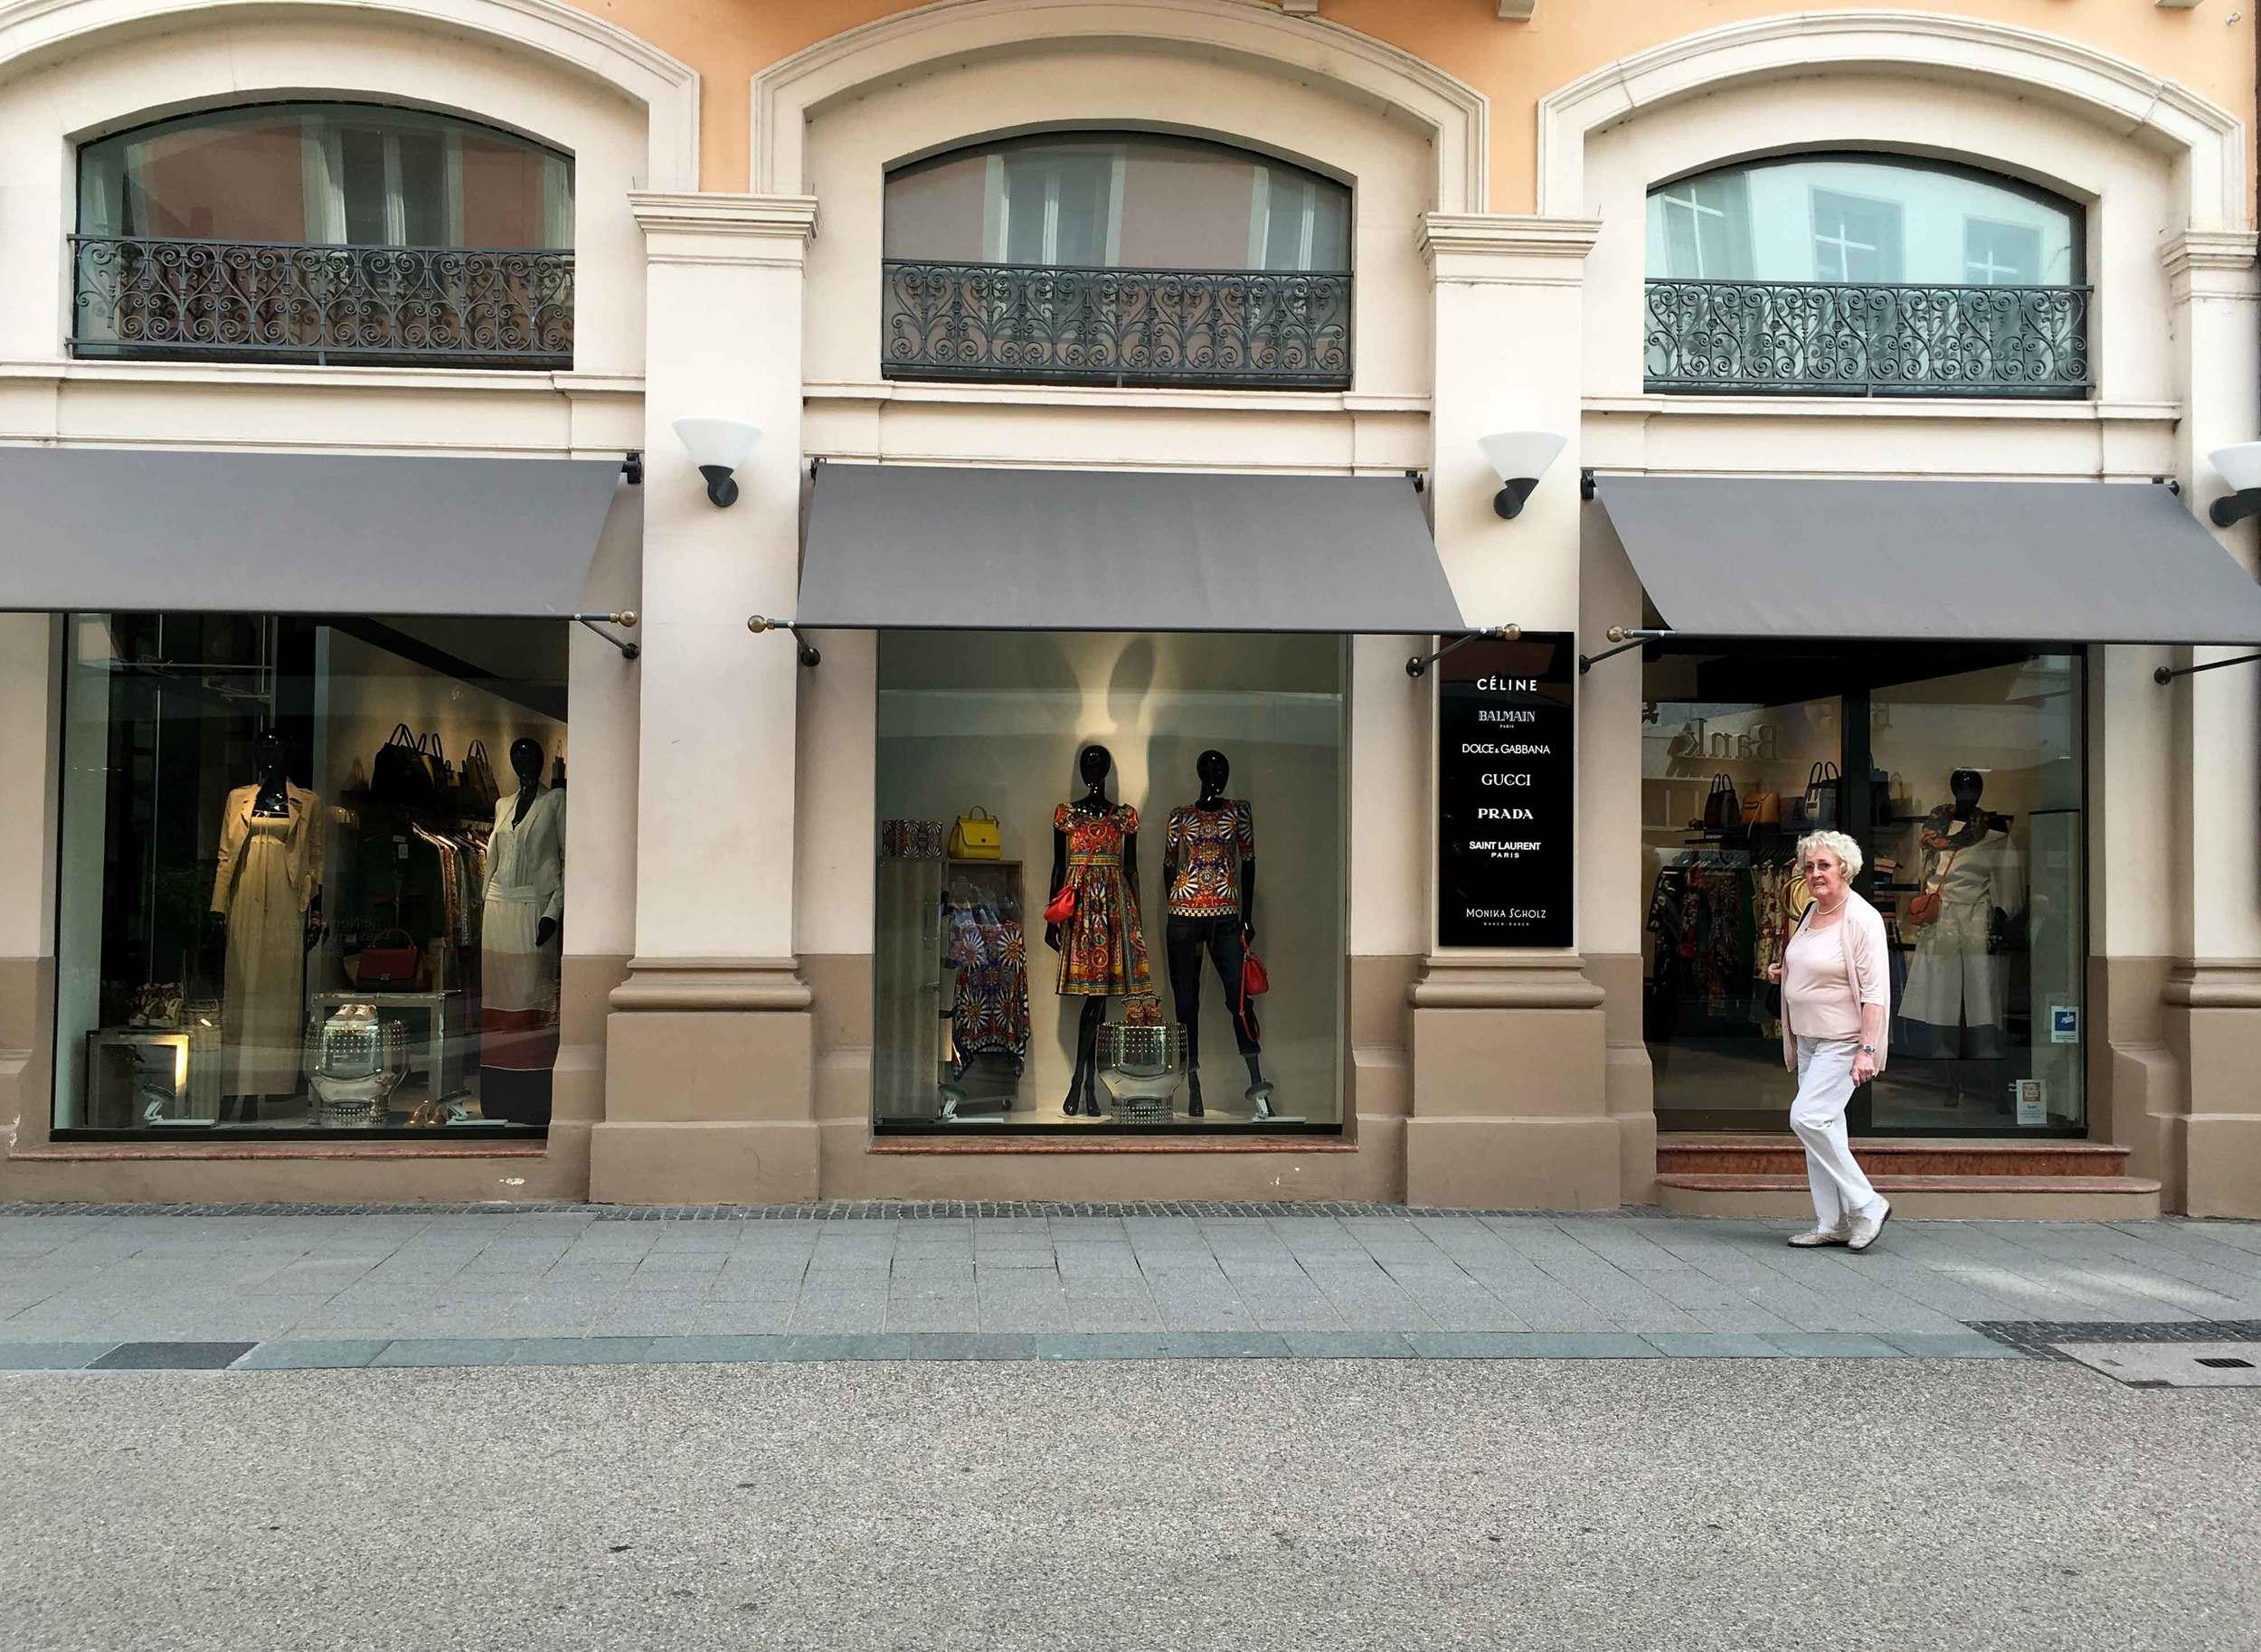 Gucci, Celine, Prada, shopping, Baden Baden, Germany. Image©sourcingstyle.com